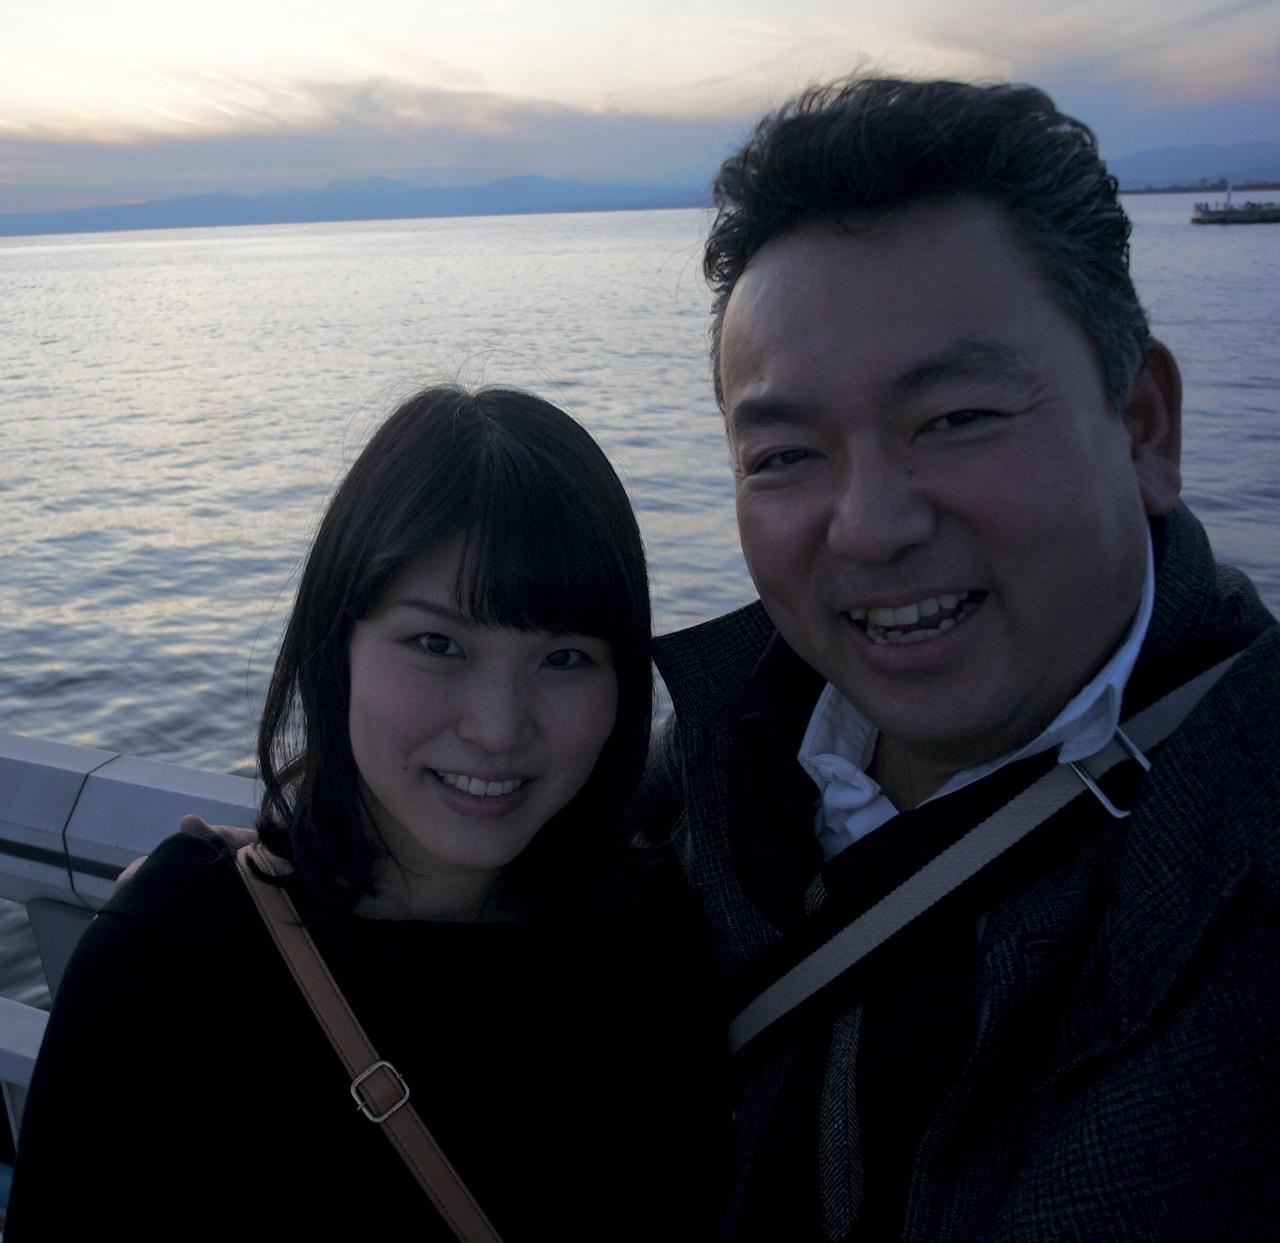 片瀬江ノ島駅で待ち合わせ 11/10_c0180686_13244268.jpeg